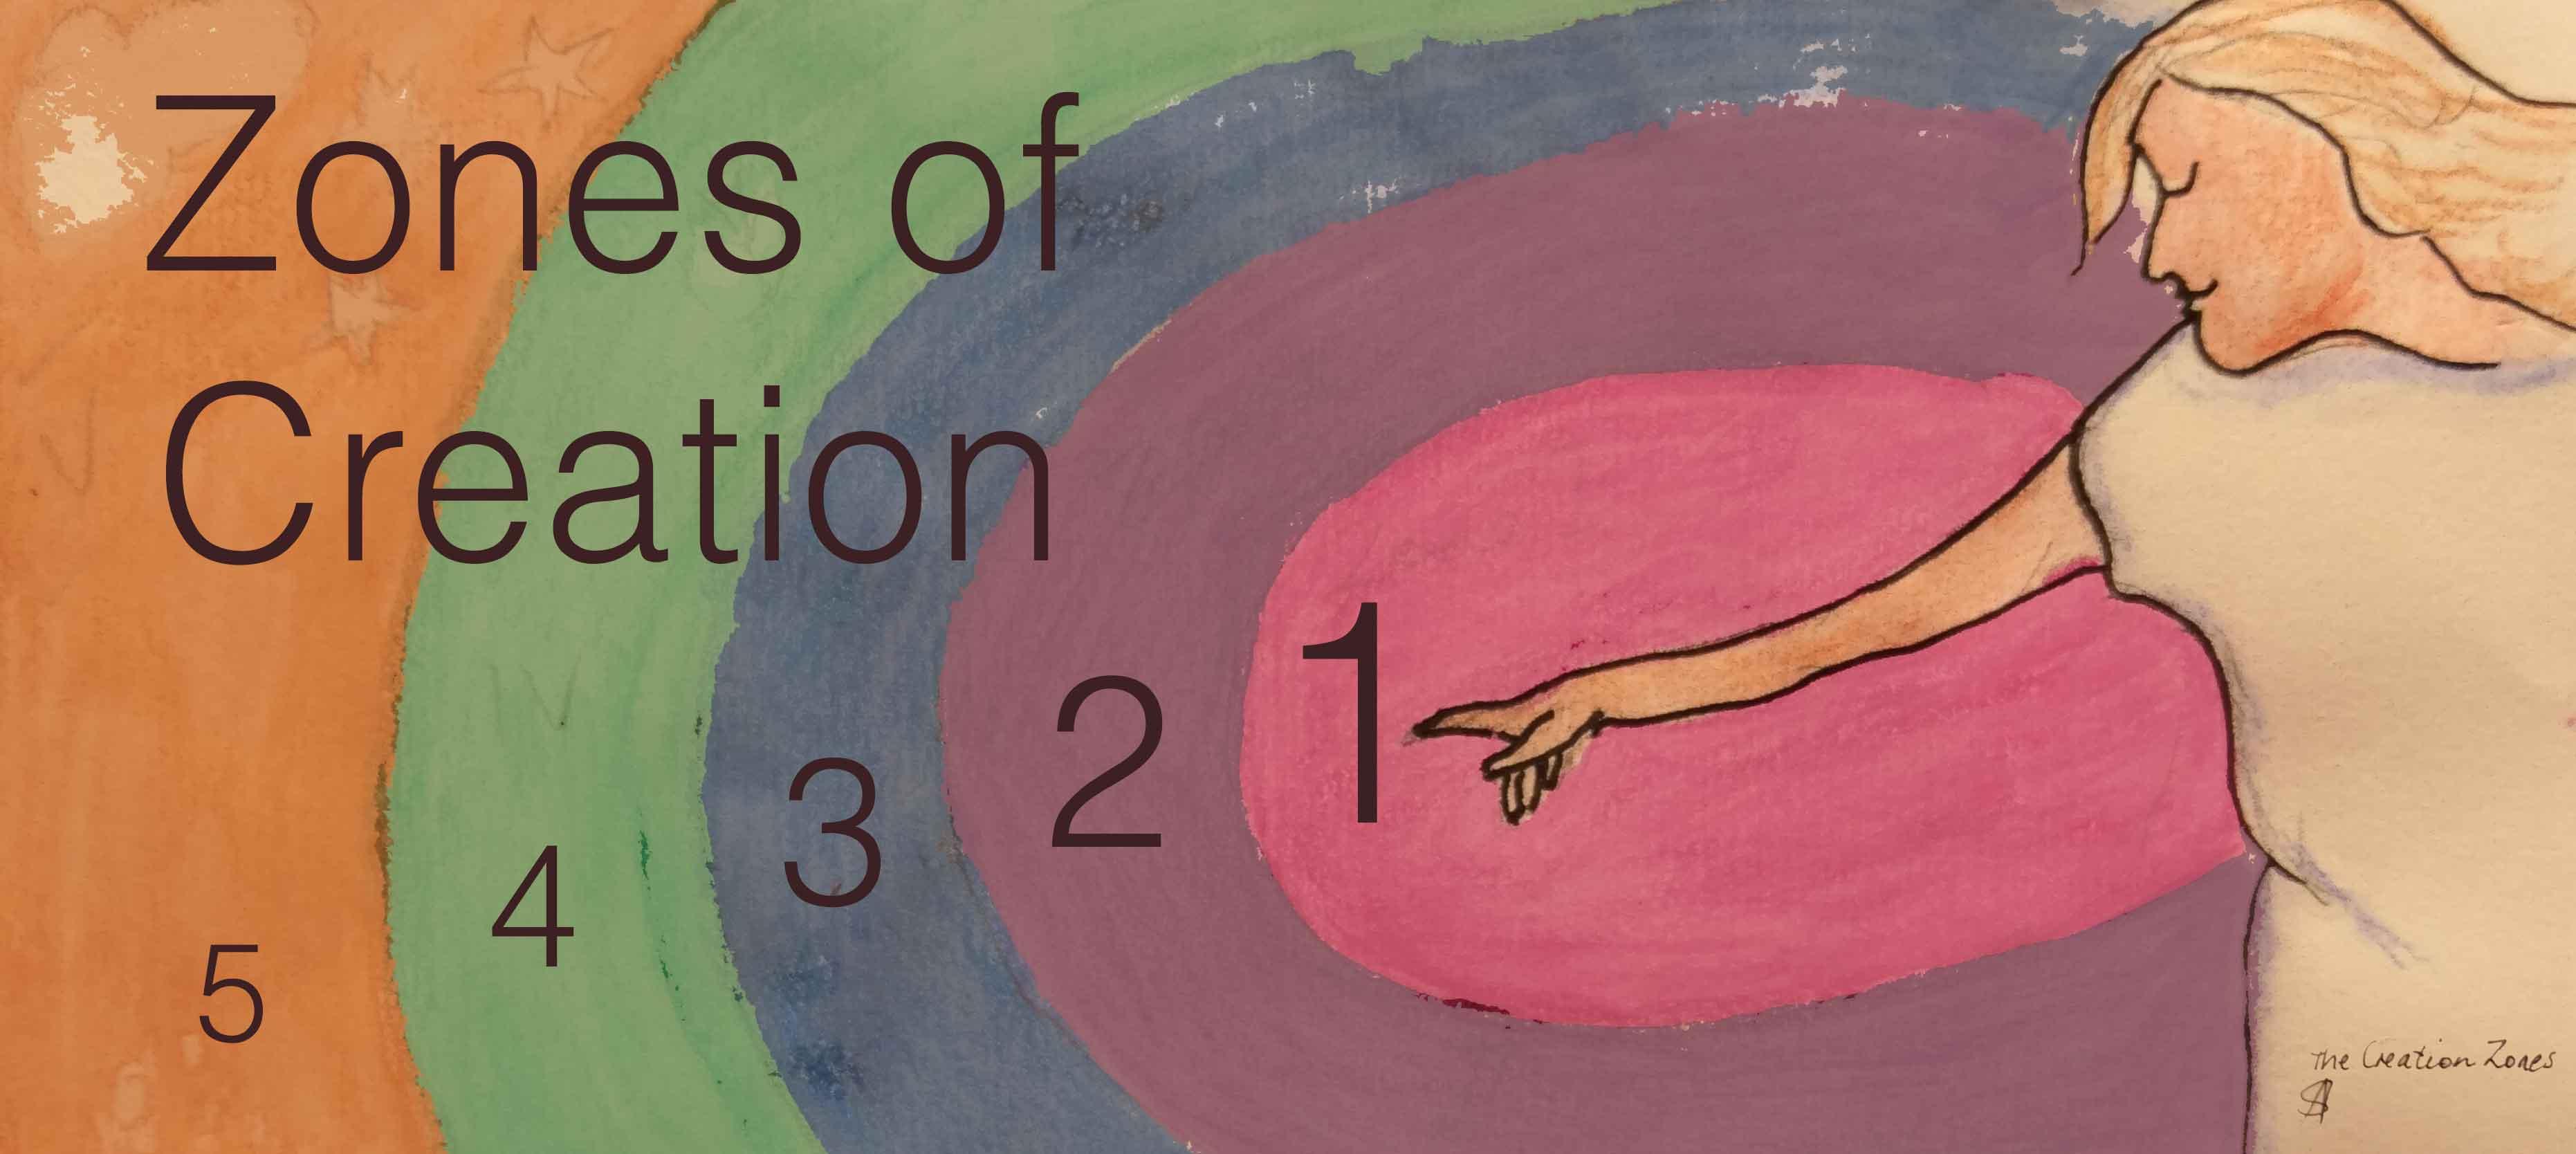 Zones of Creation